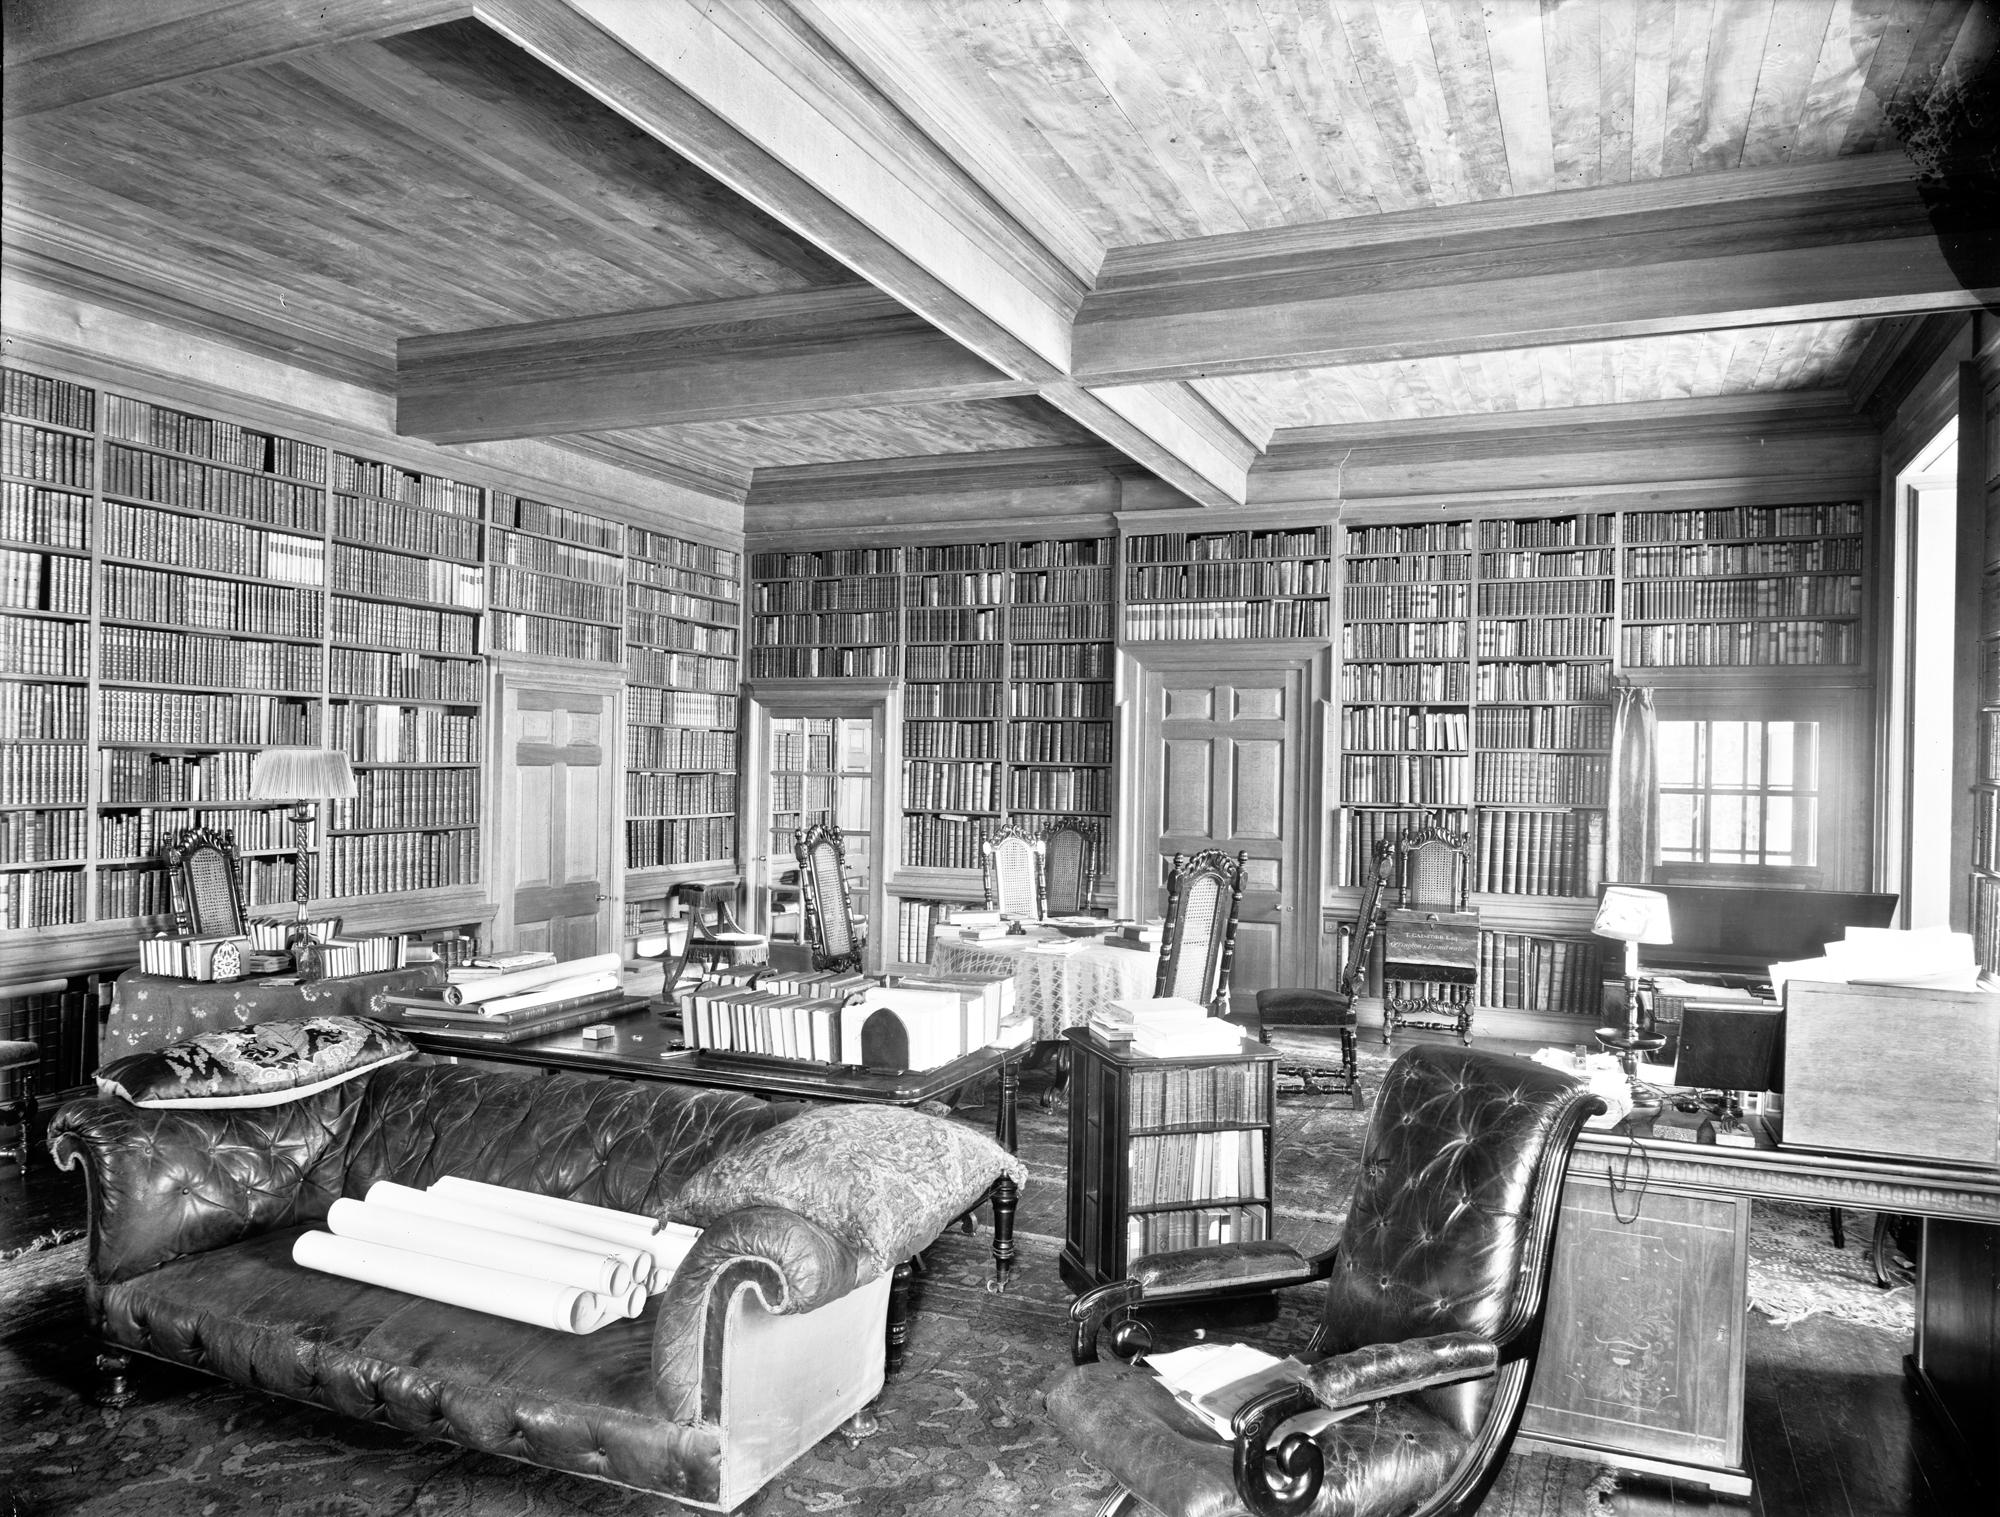 Howth Castle, Library, Howth, Co. Dublin